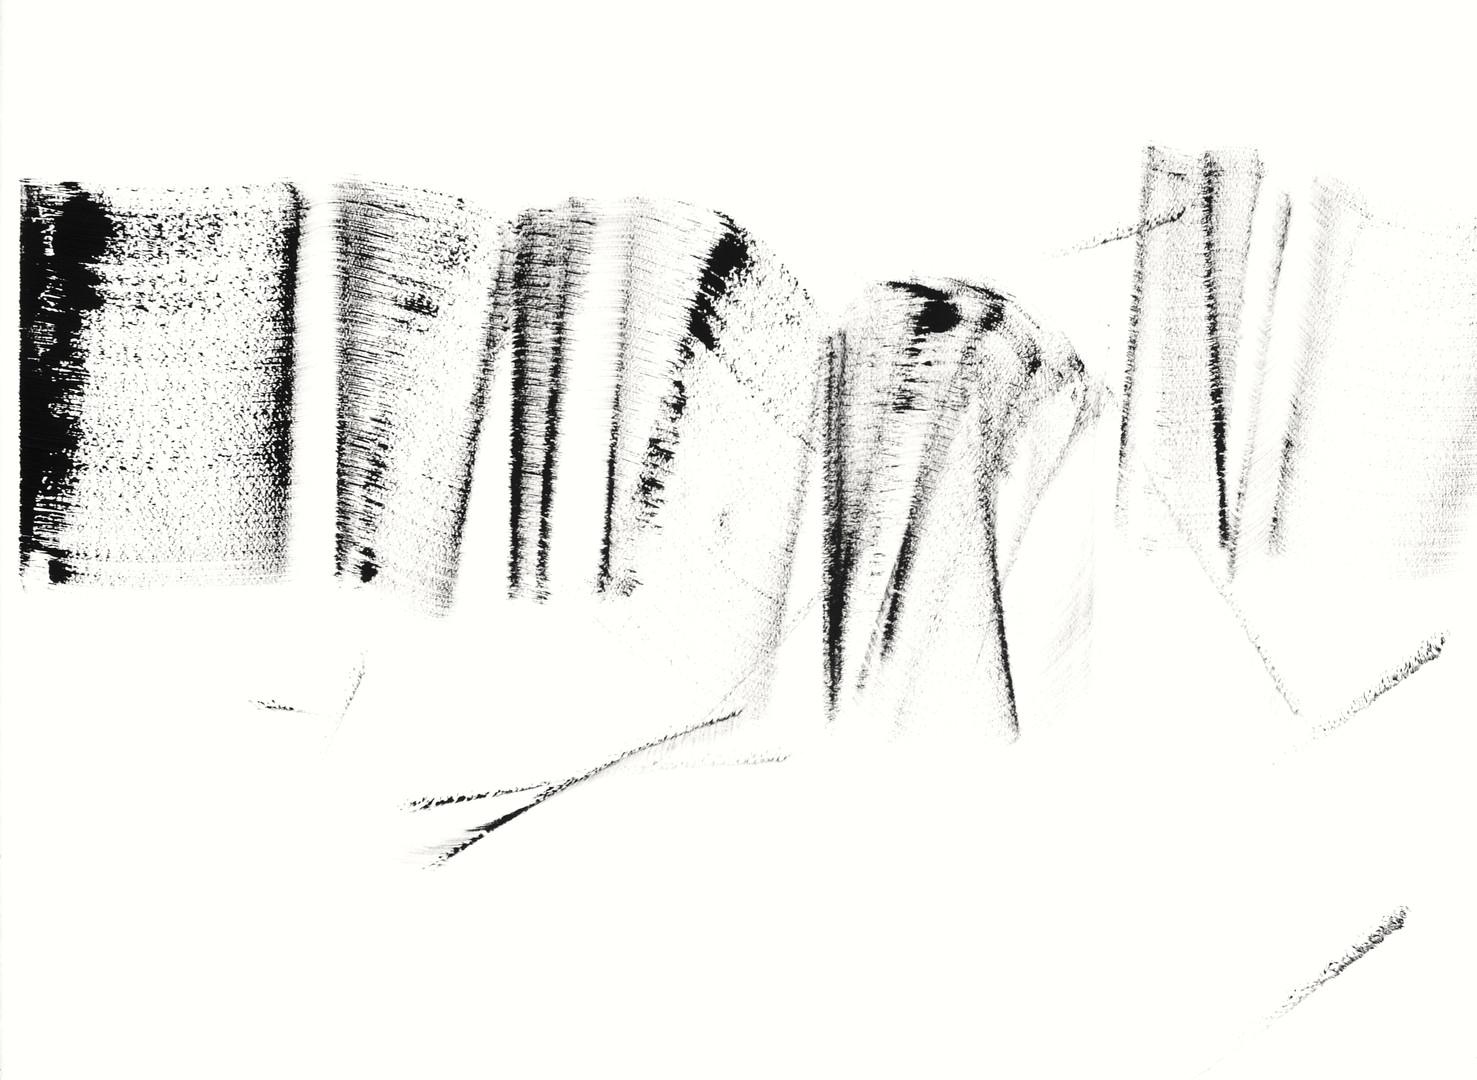 SHB3, Acryl auf Aquarellpapier, 56 x 76 cm, 2015